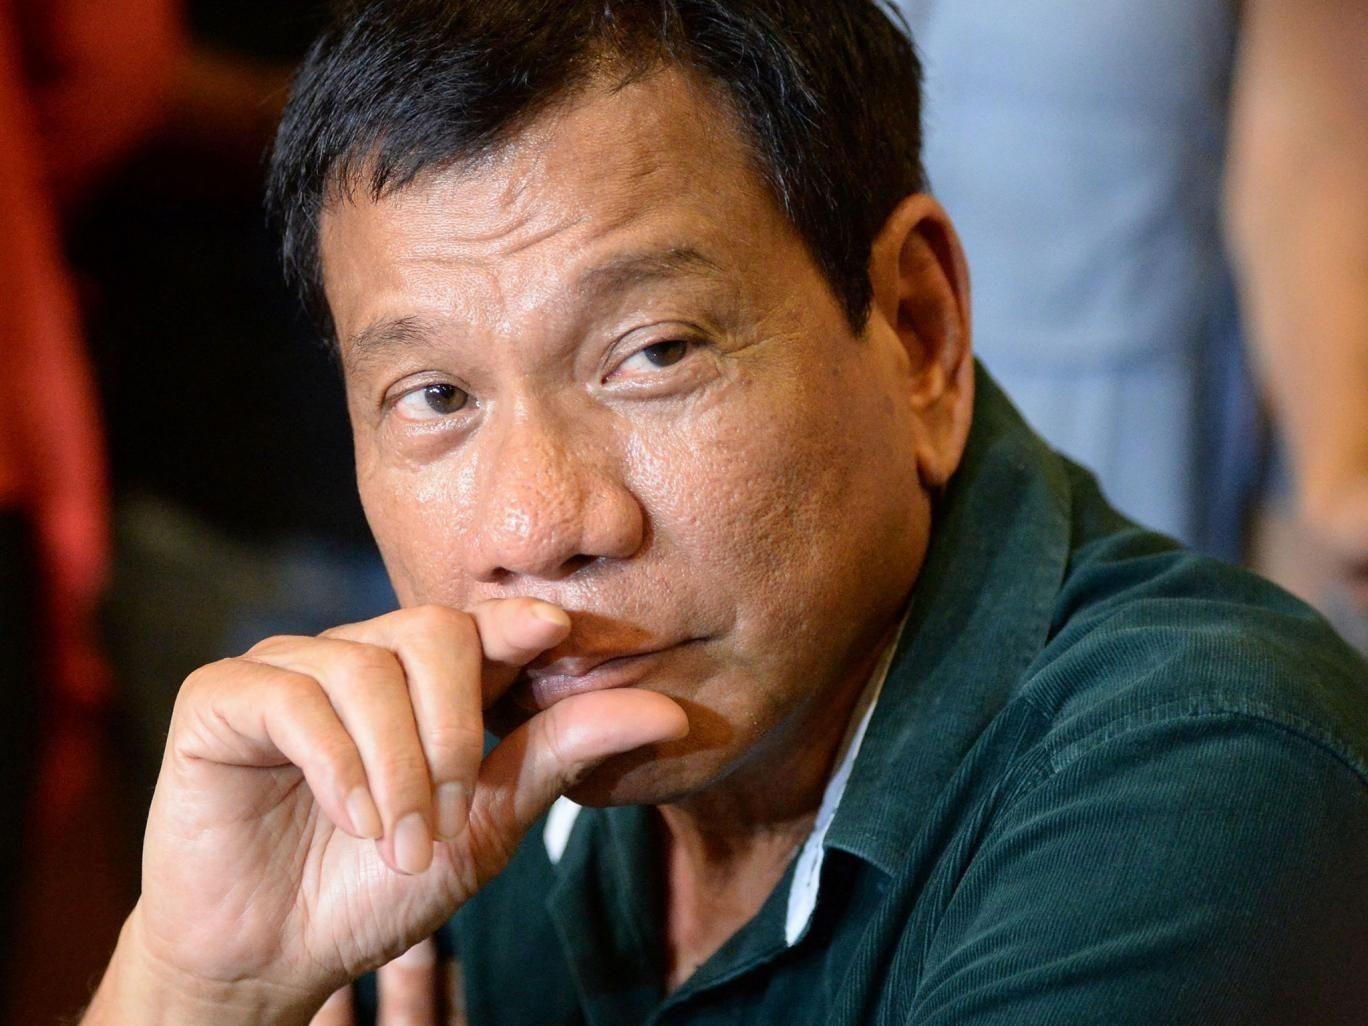 Филиппиний ерөнхийлөгч Дутерте улс орныхоо нэрийг солих хүсэлтэйгээ илэрхийлжээ